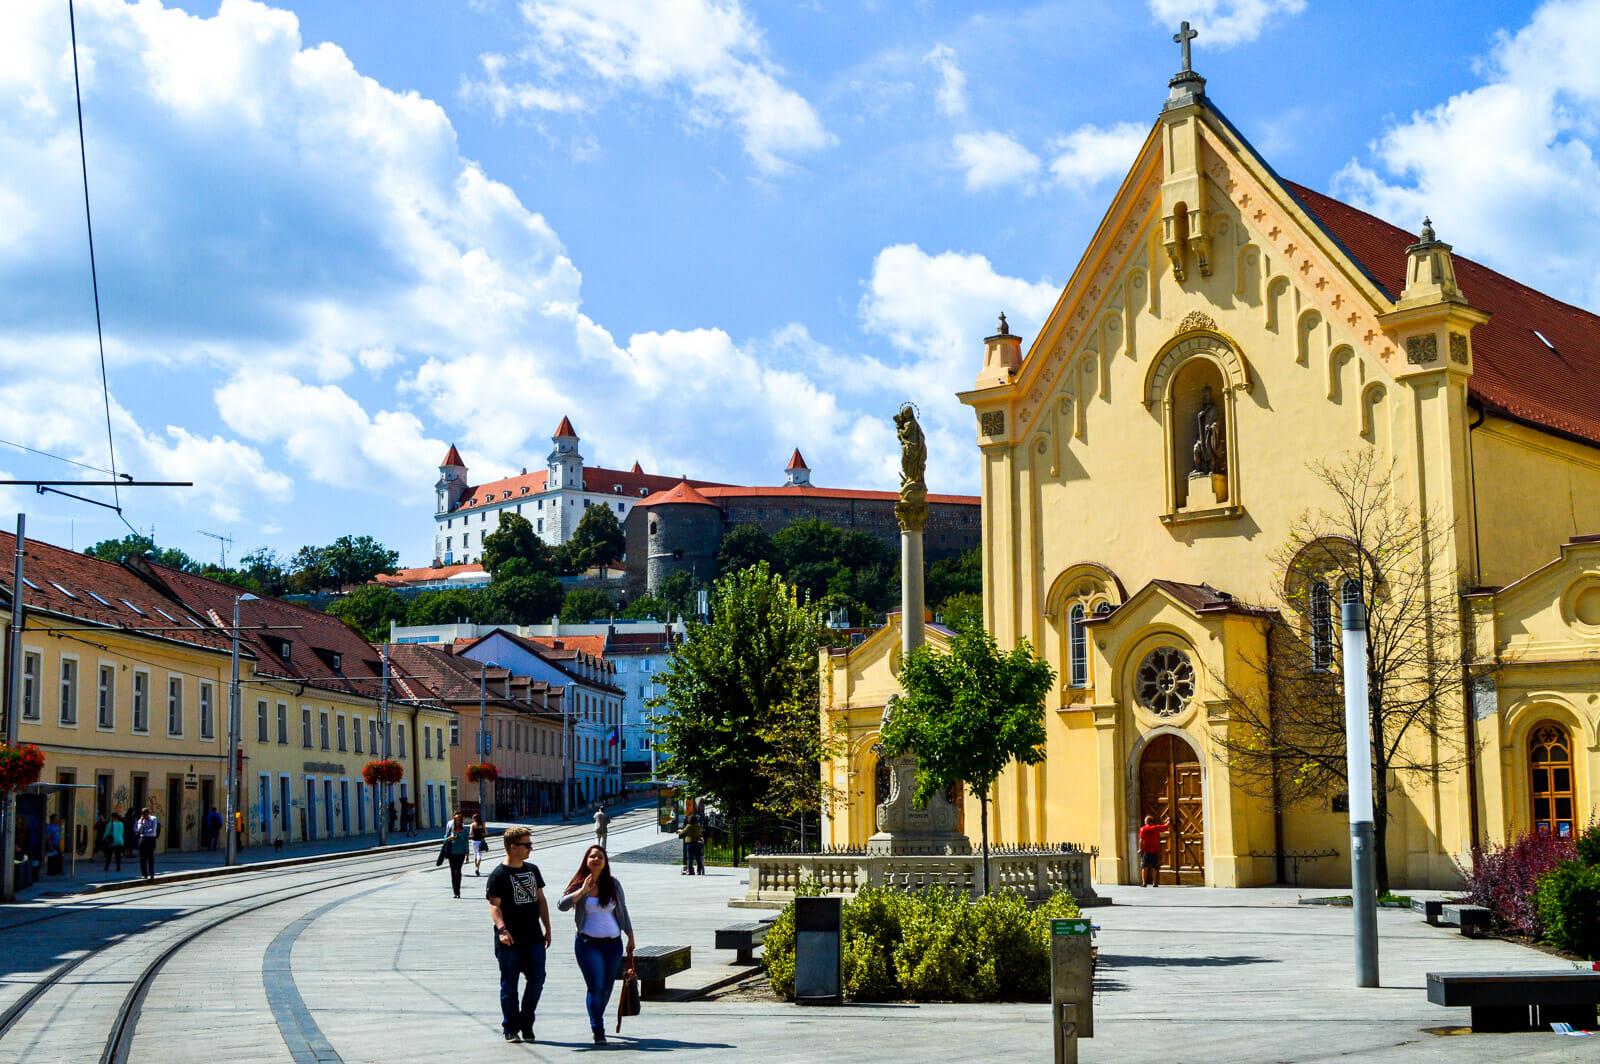 Bratislava, capita of Slovakia